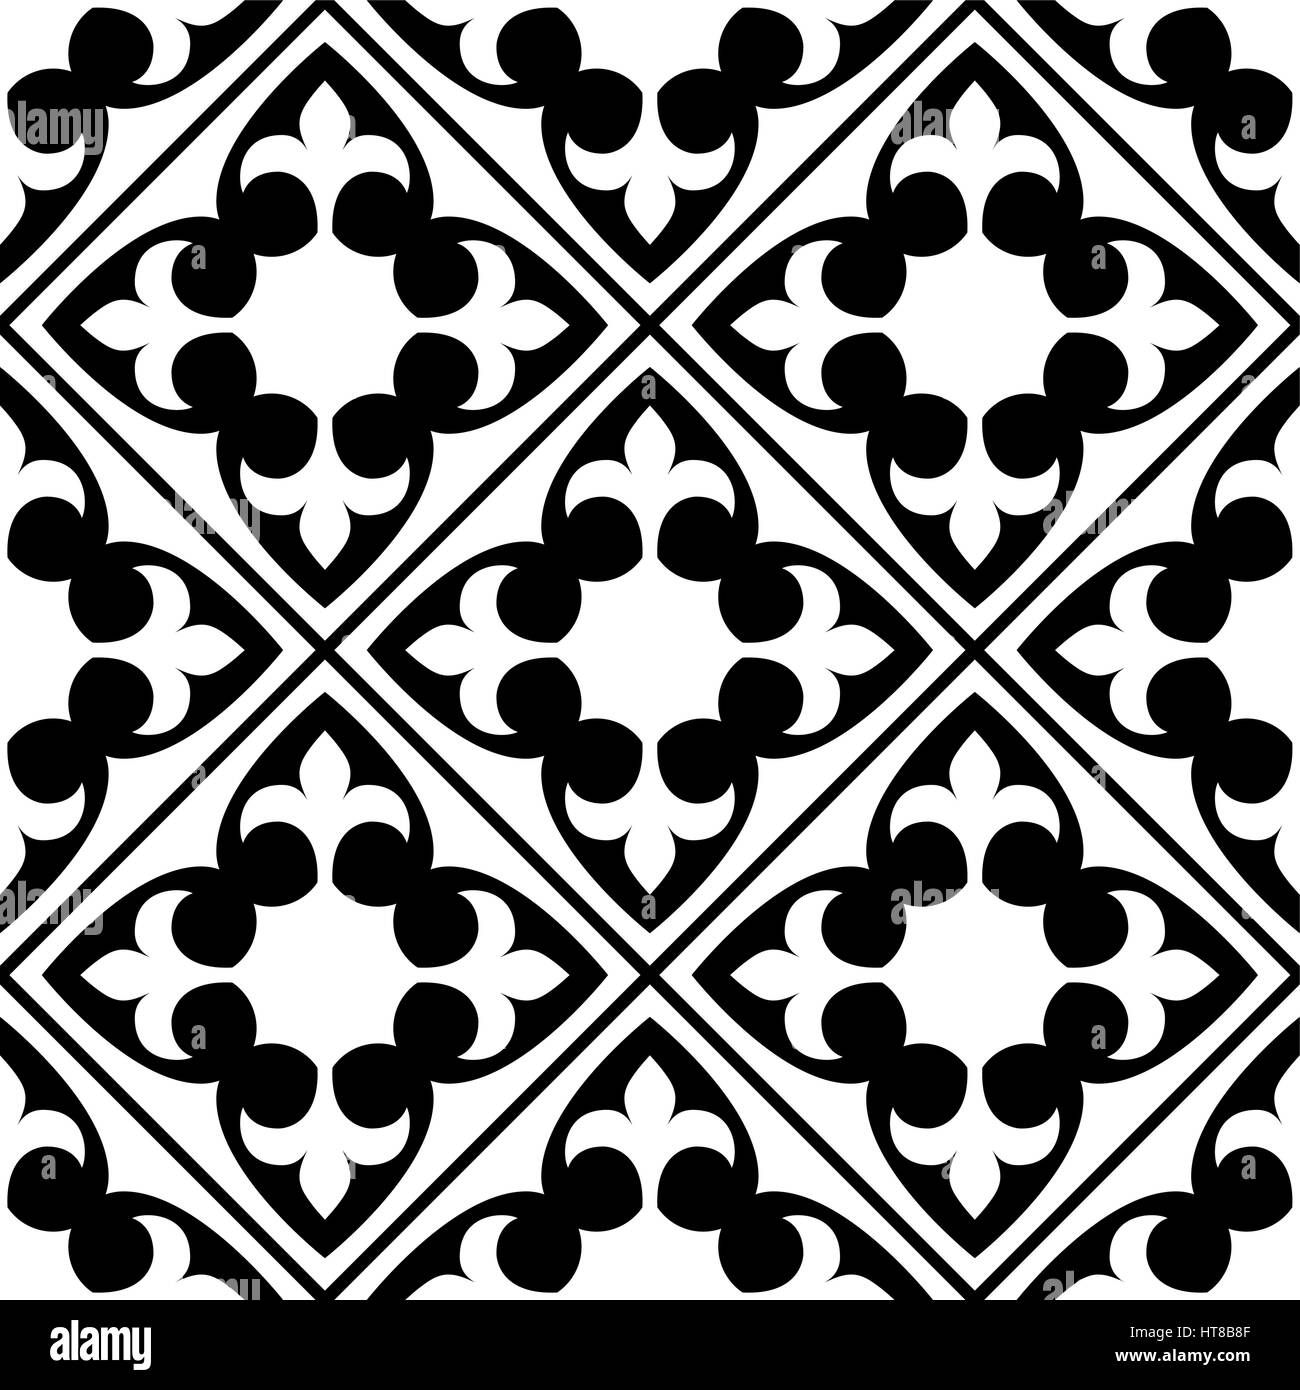 Charmant Spanische Und Portugiesische Fliesen Muster, Marokkanischen Fliesen Design,  Nahtlose Schwarz Weiß   Azulejo